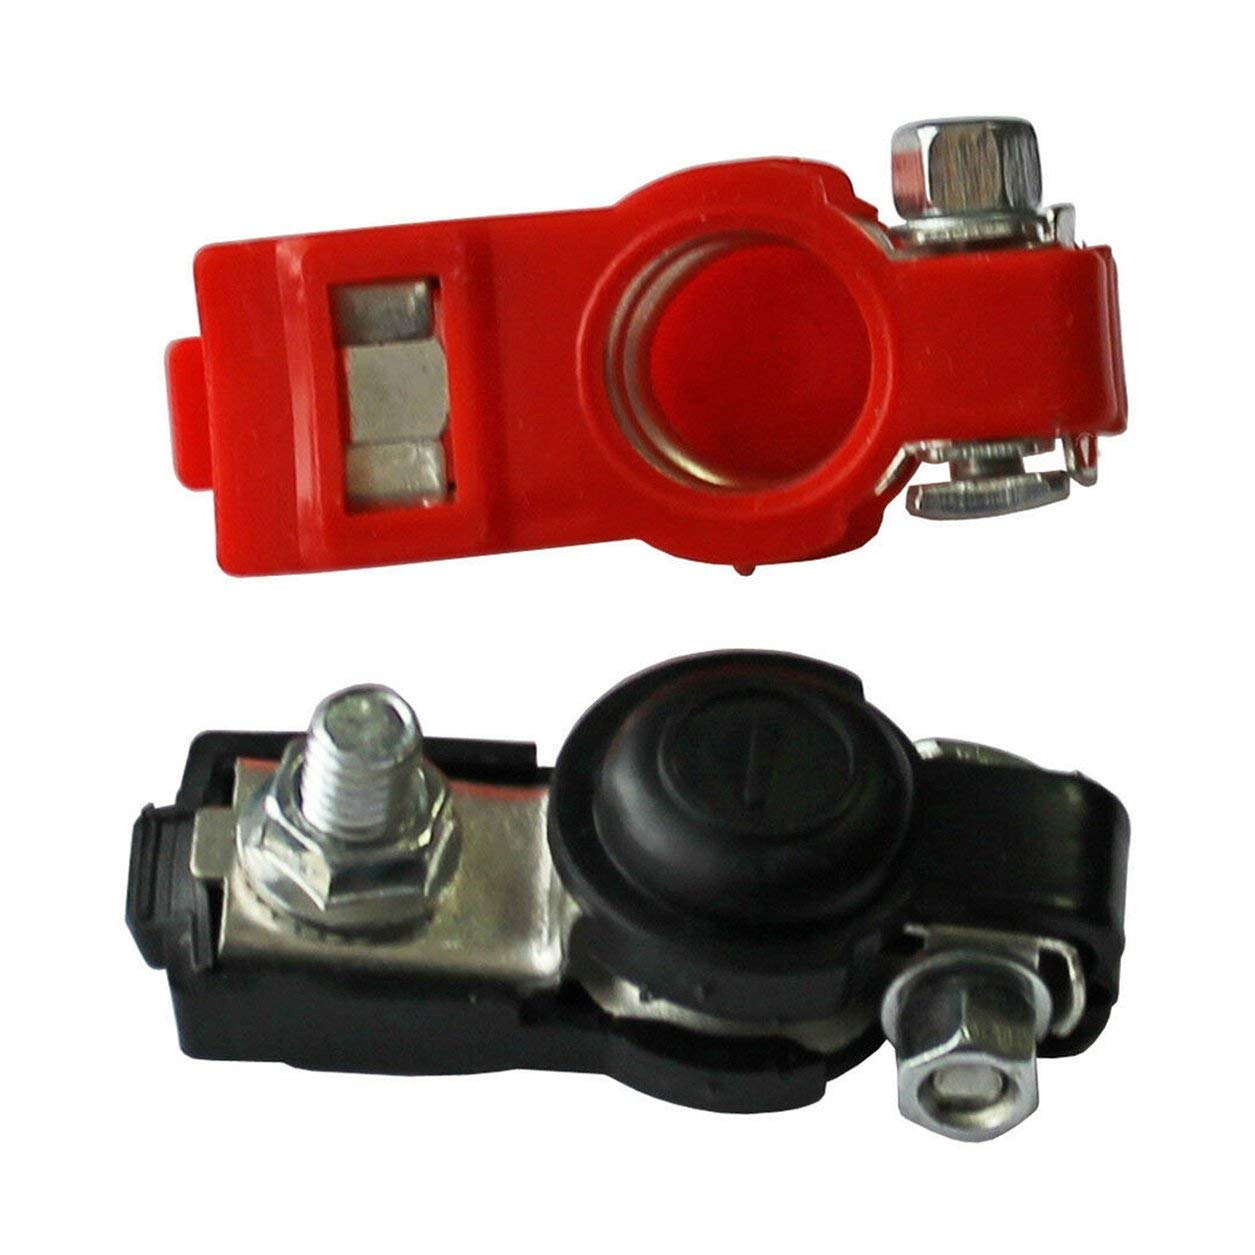 Rosso e Nero Dailyinshop Morsetti a sgancio rapido 2X Batteria Terminali a 6 Poli a 12 Poli morsettiera per Auto